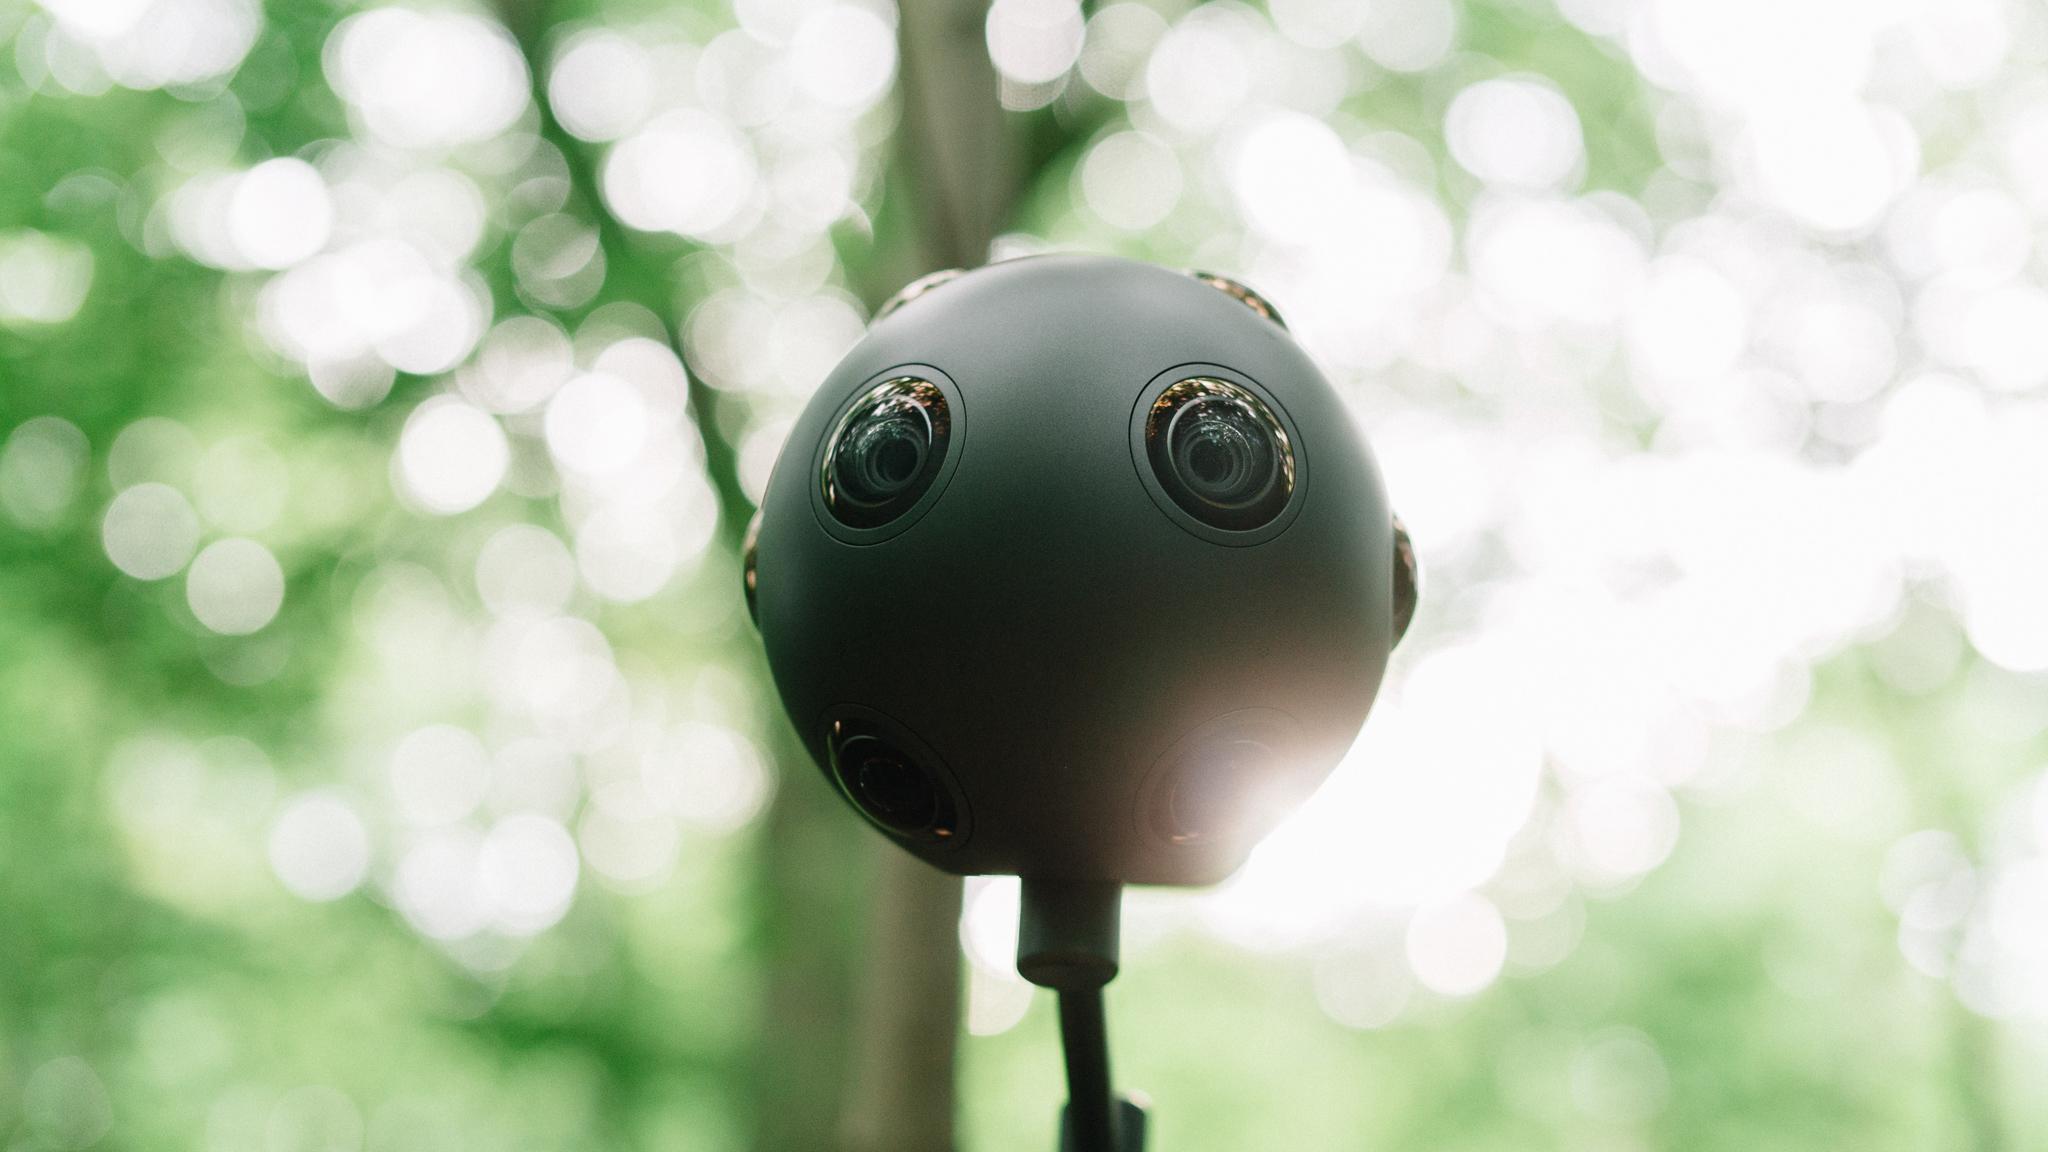 نوکیا تولید دوربین گران قیمت خود را متوقف کرد